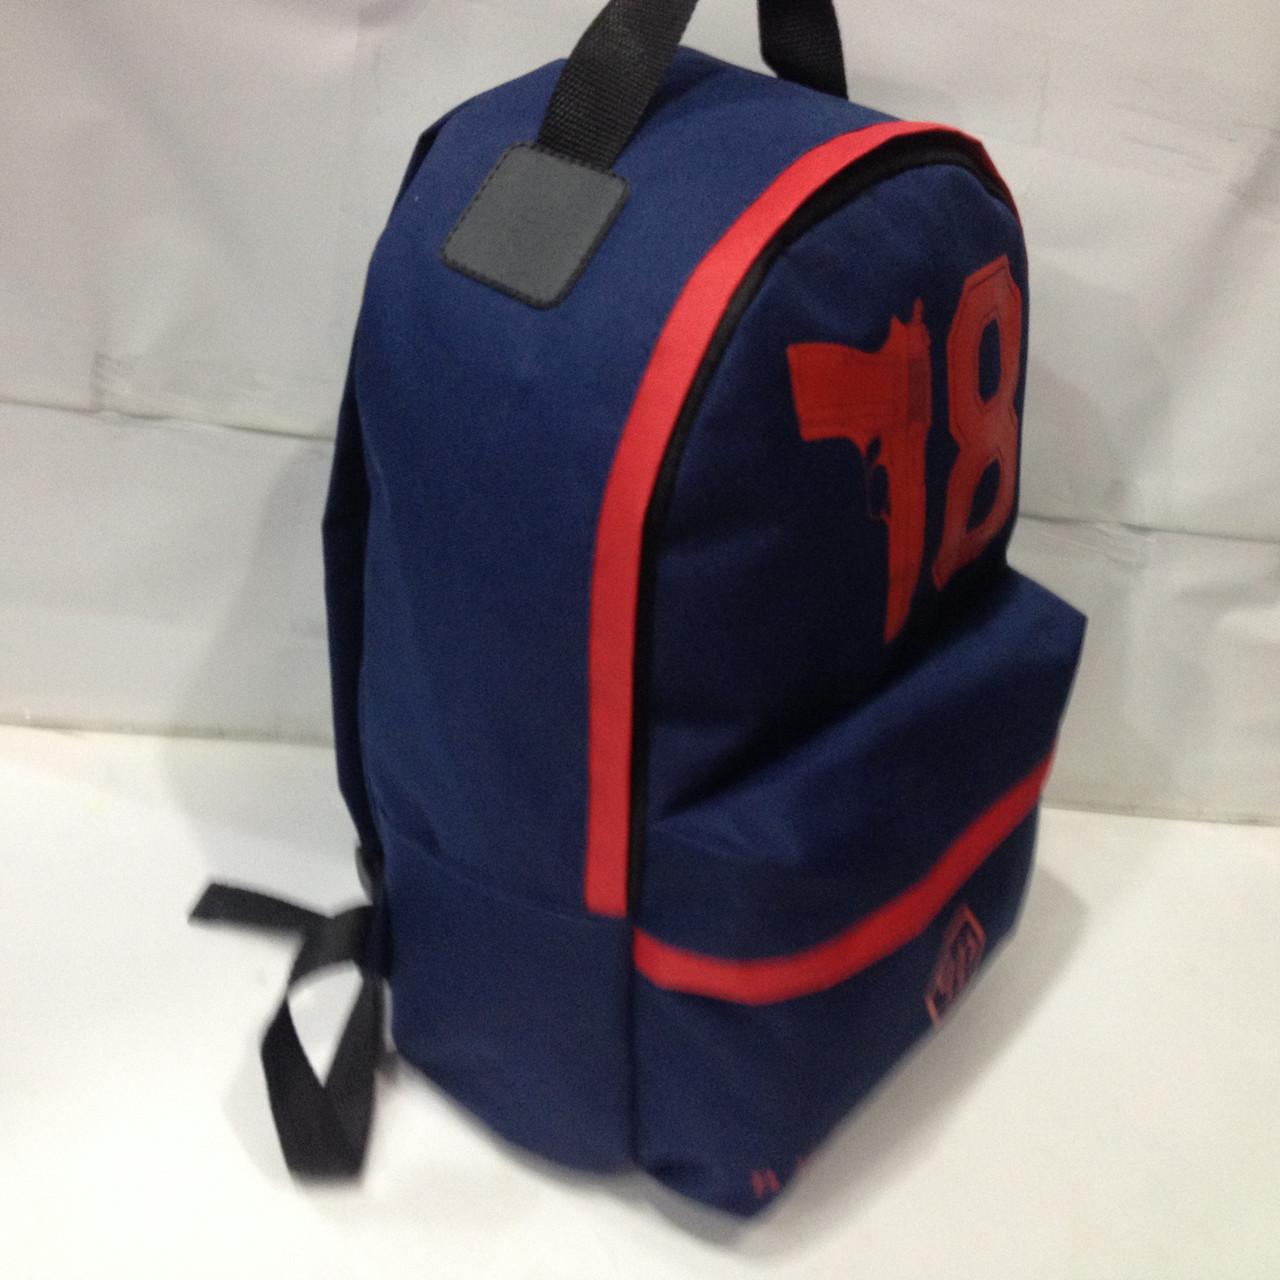 Рюкзаки из материала полиэстер декатлон дорожные сумки